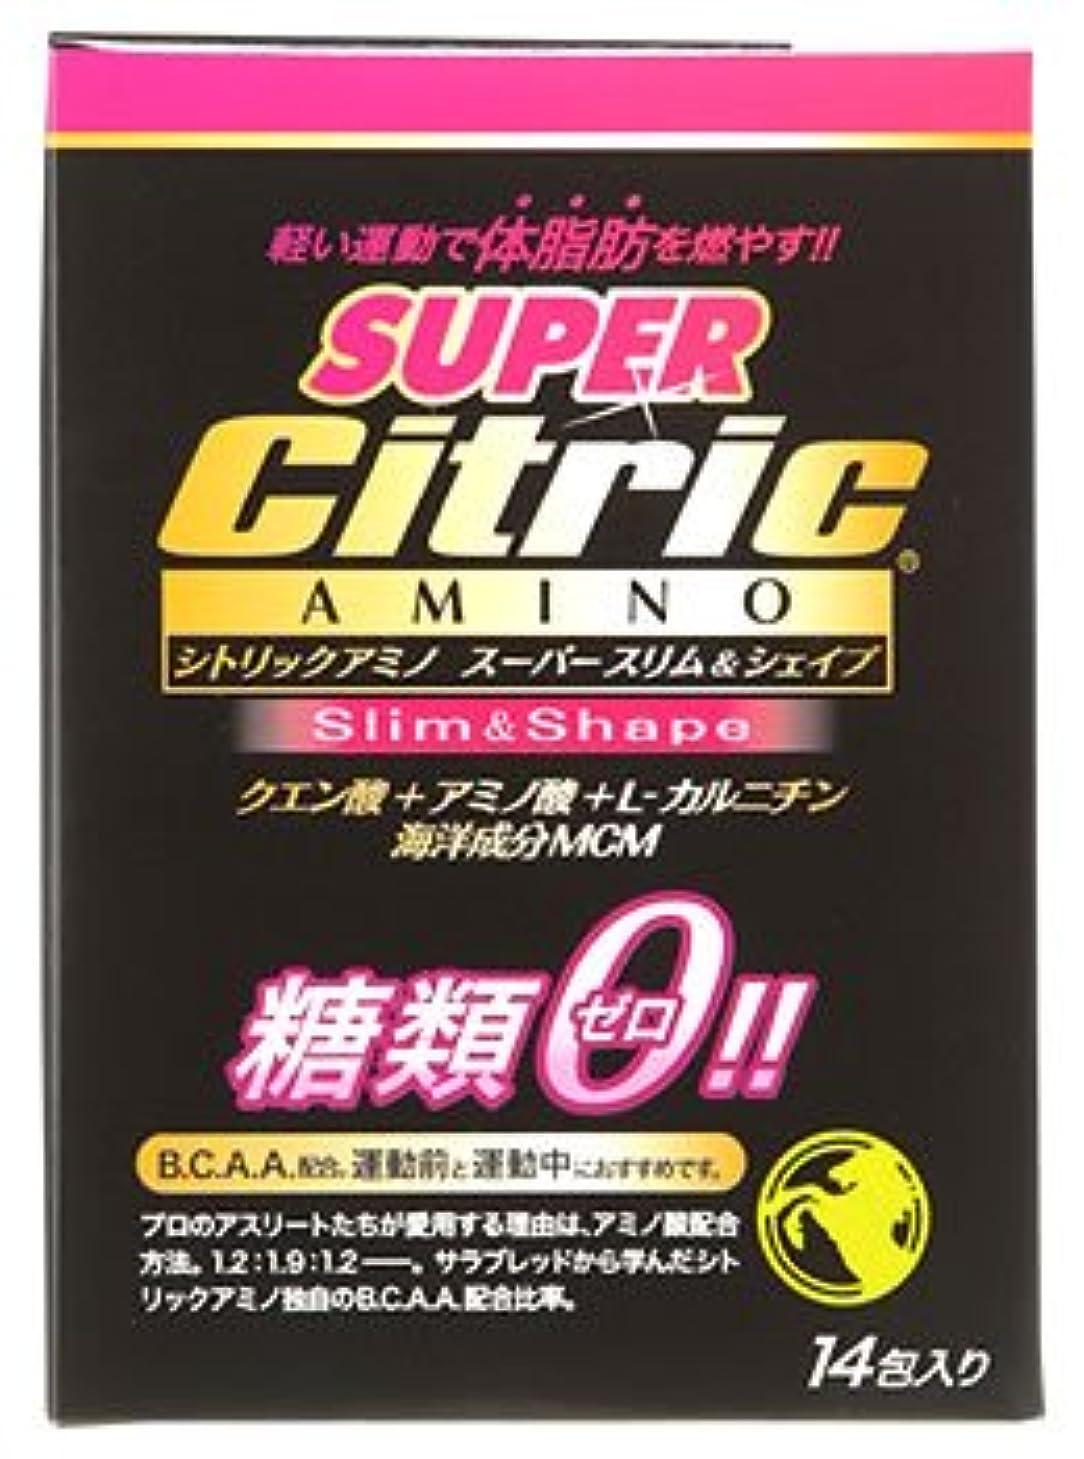 からに変化する達成可能ジョセフバンクスメダリスト?ジャパン シトリックアミノ スーパースリム&シェイプ JP (6g×14包入) クエン酸 アミノ酸 糖類ゼロ